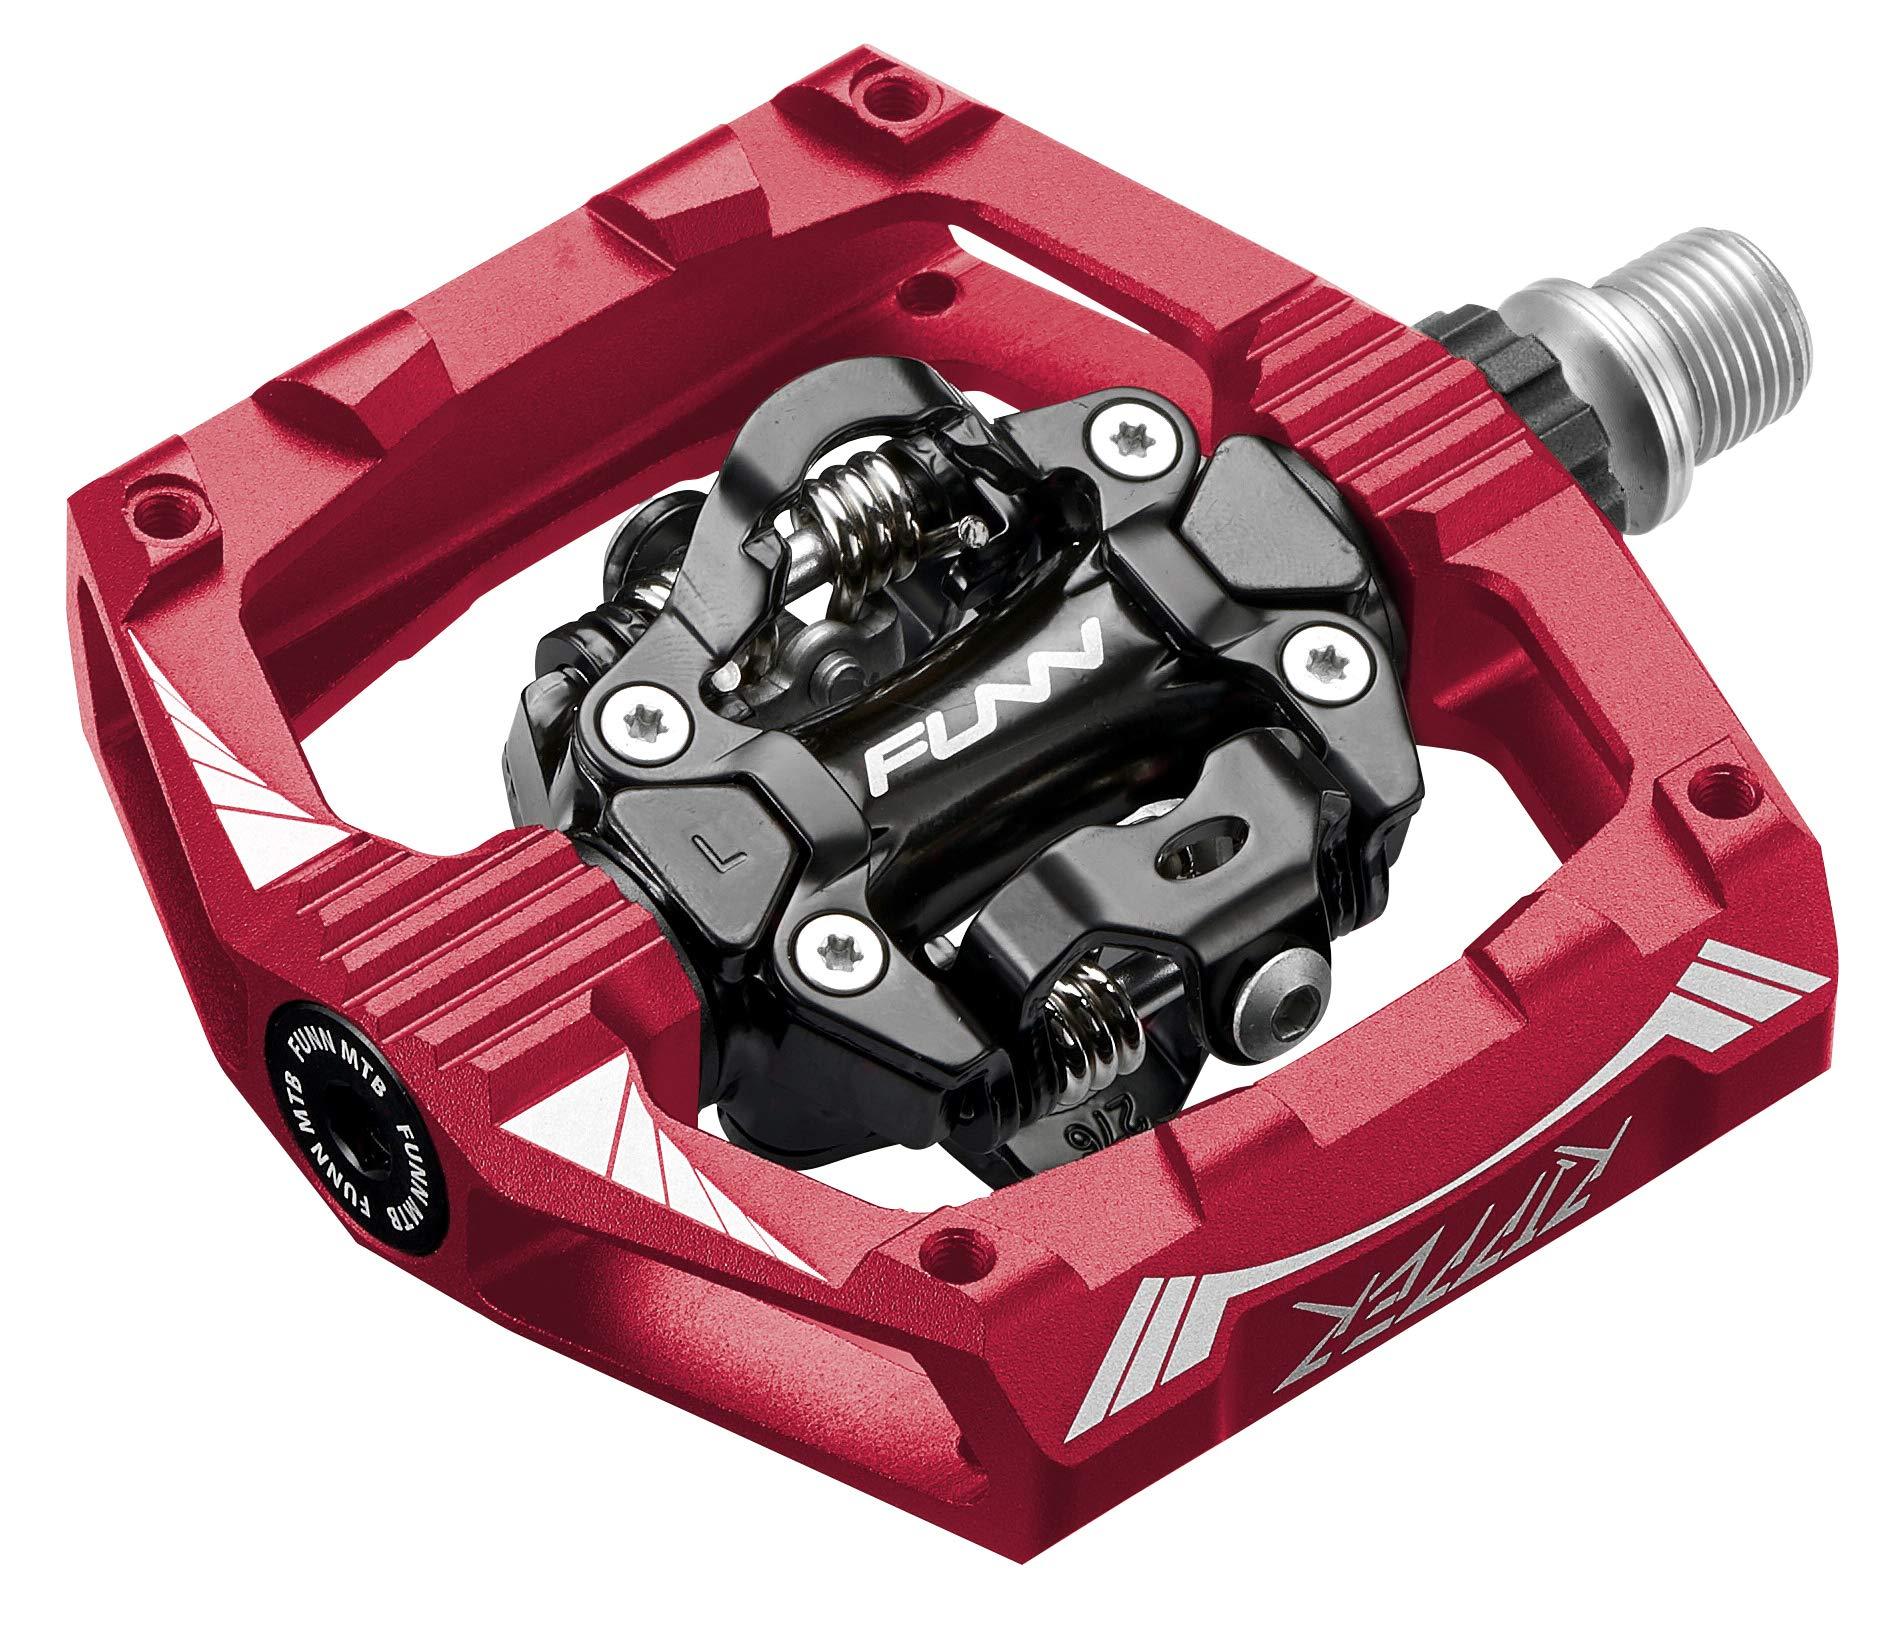 Funn Ripper Clipless Pedal Set, Rocker Clip Mechanism, SPD Compatible (Red)